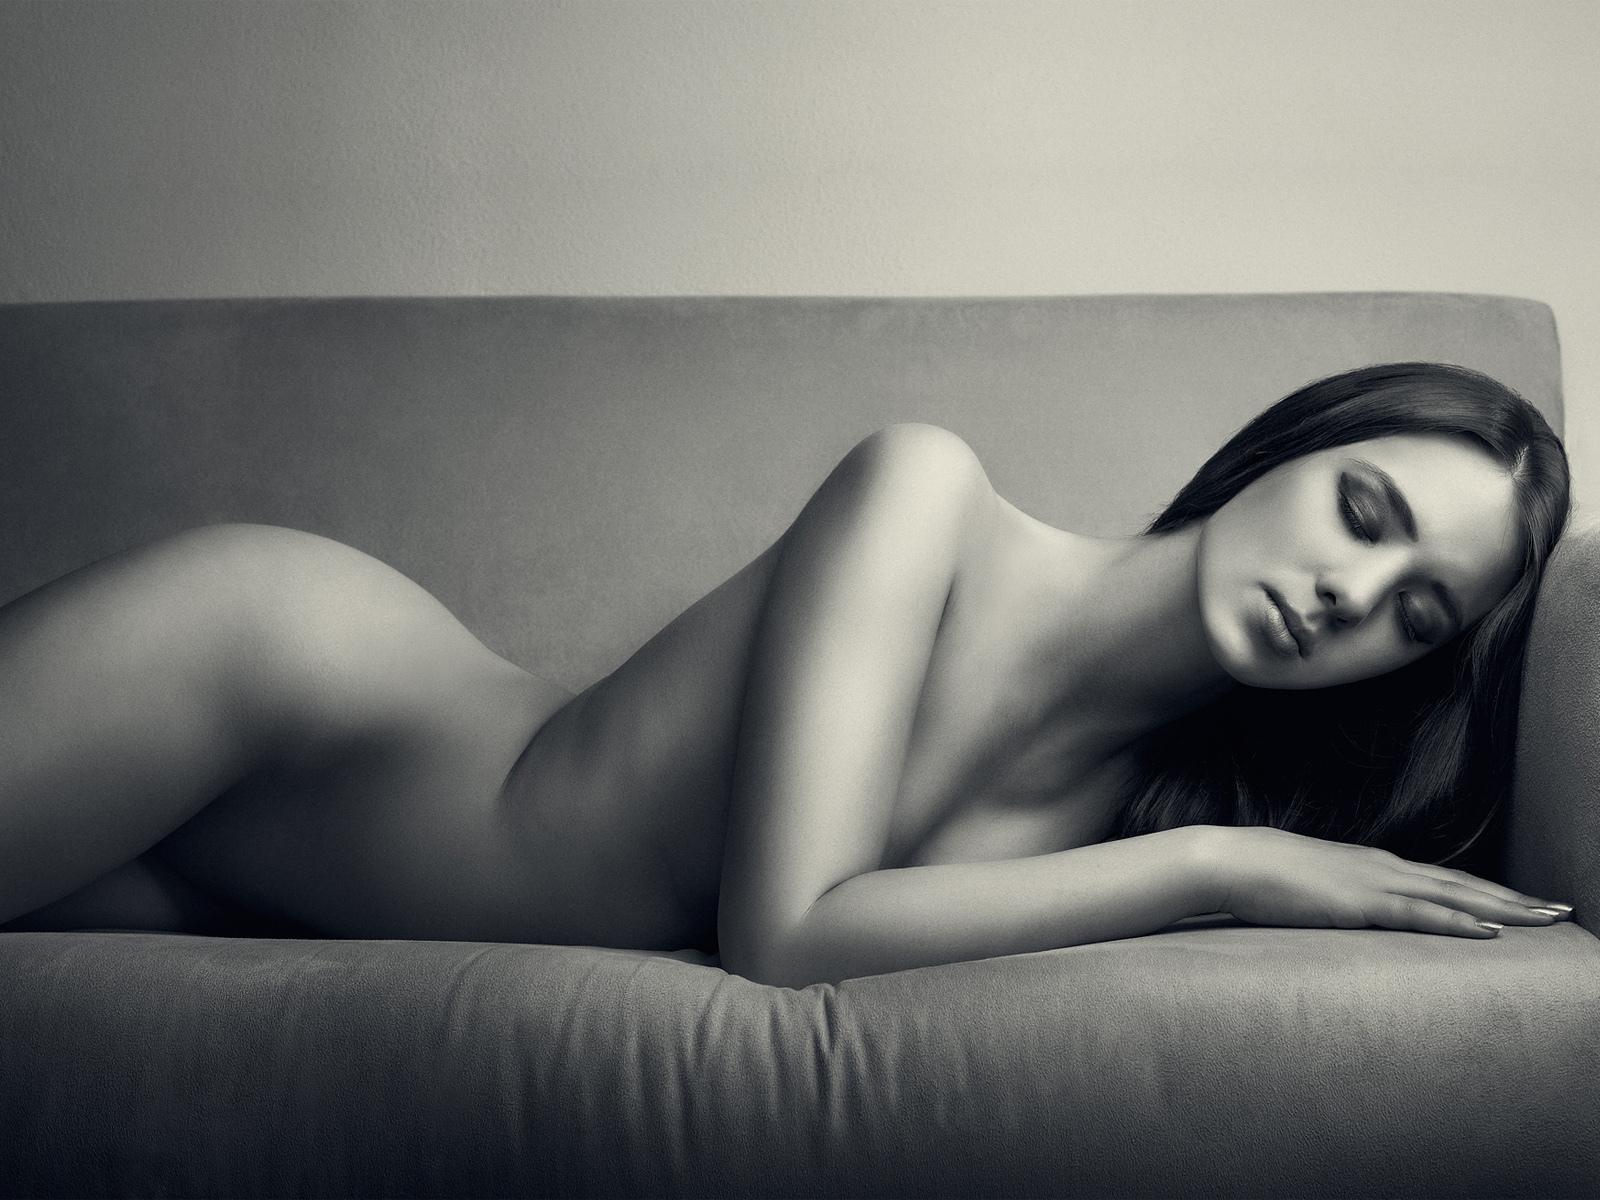 Черно белые картинки голых девушек, Черно белая эротика с голыми девушками - фото 18 фотография